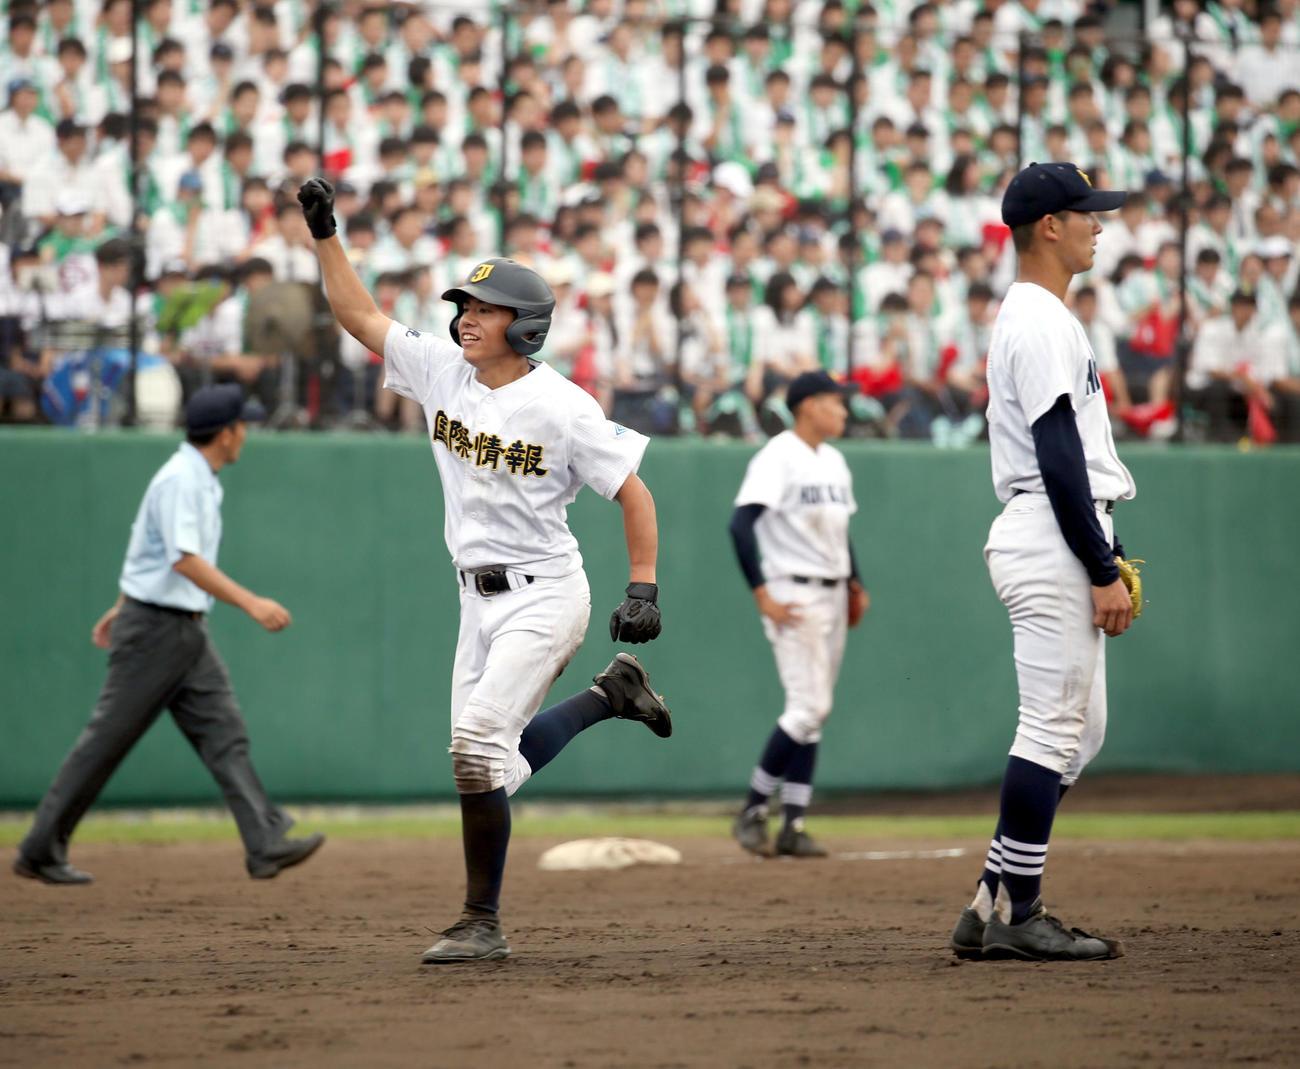 国際 高校 野球 部 札幌 情報